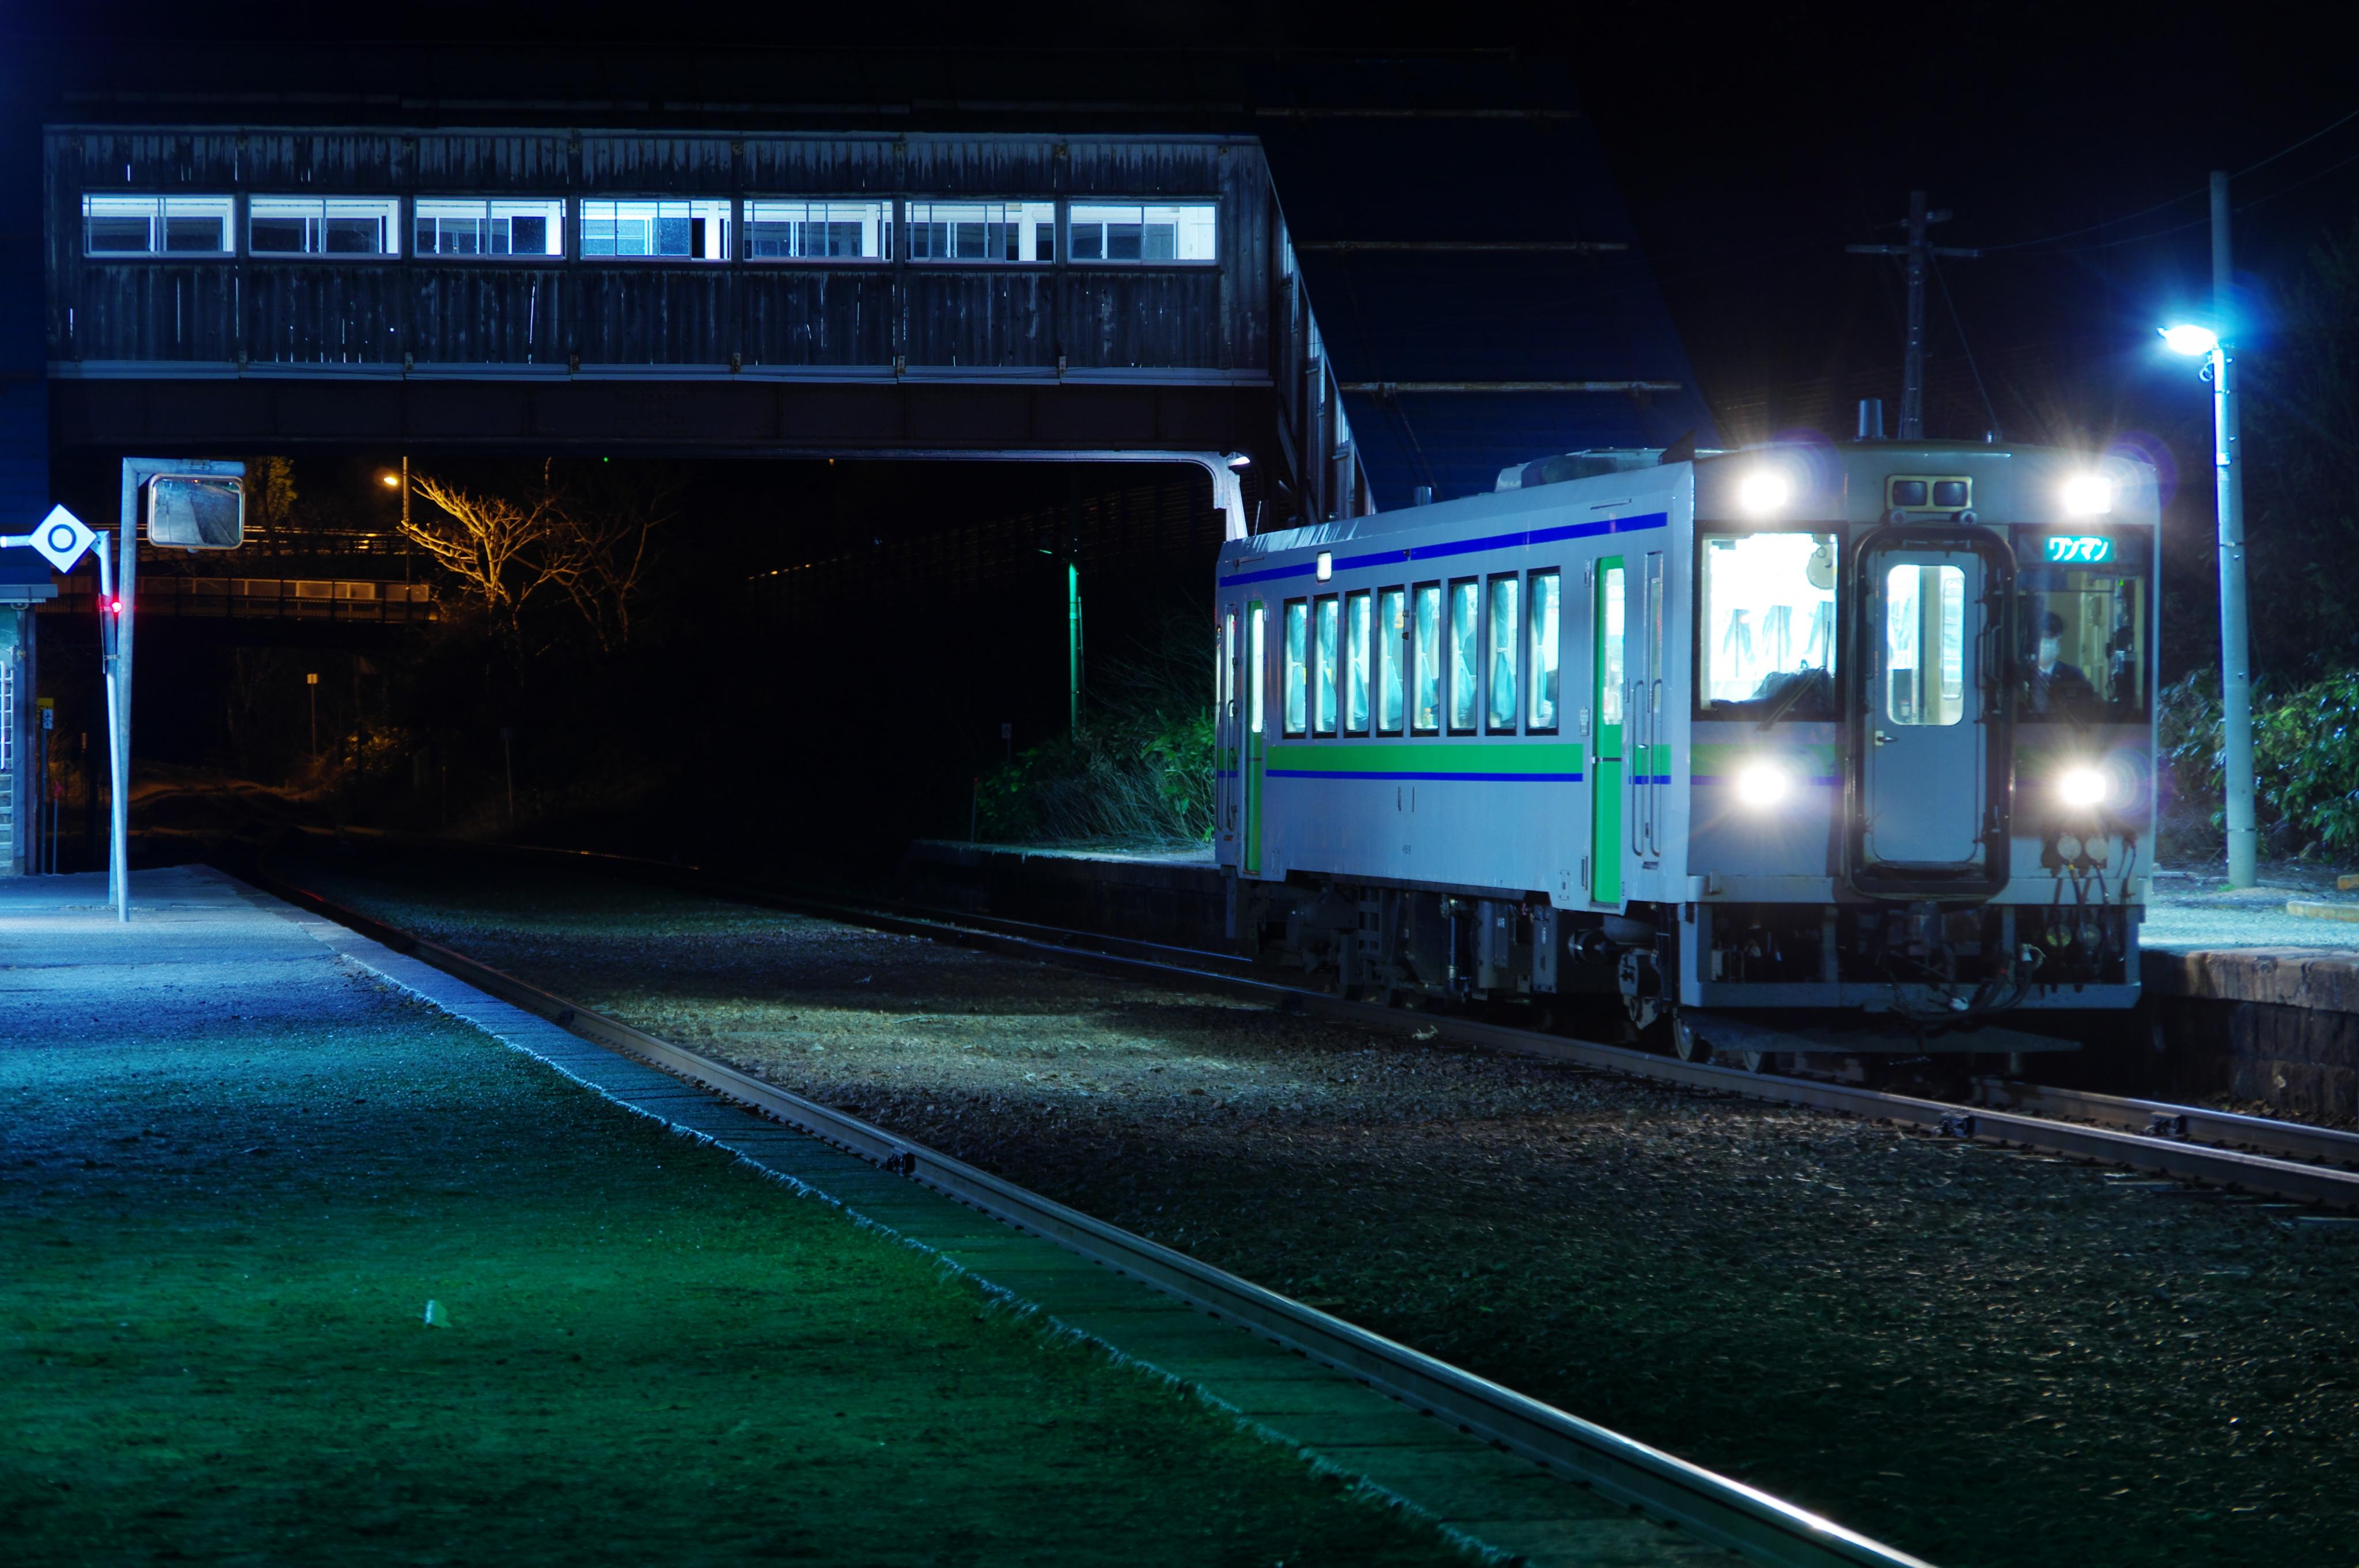 キハ150 1962D 塩谷駅 平成最終列車_19430.jpg